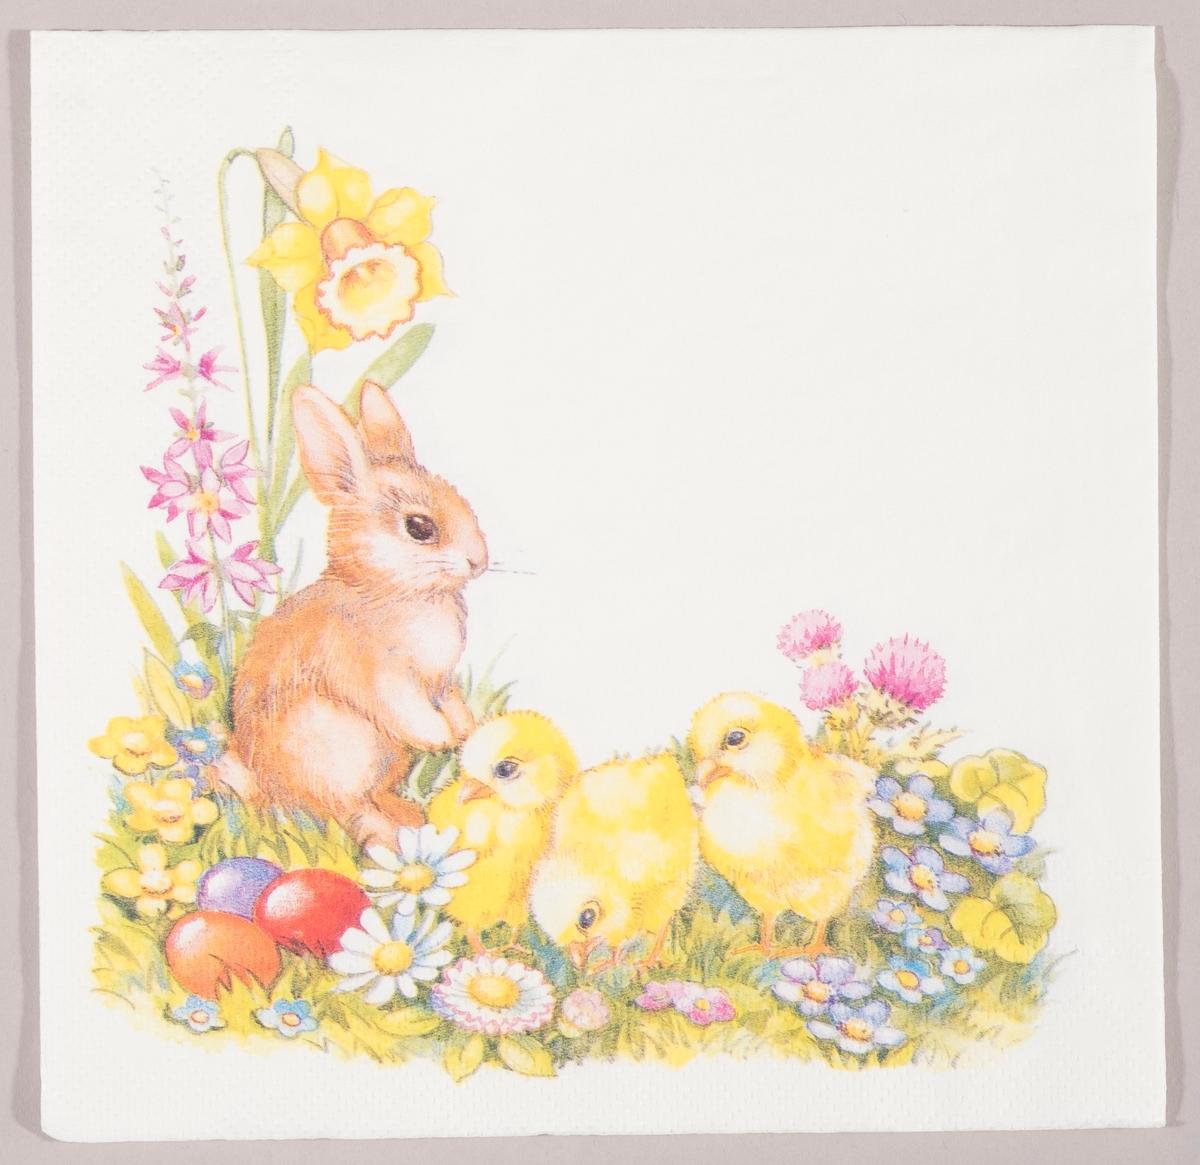 En kanin og tre kyllinger i en blomstereng med påskelilje og andre vårblomster og tre kulørte påskeegg.